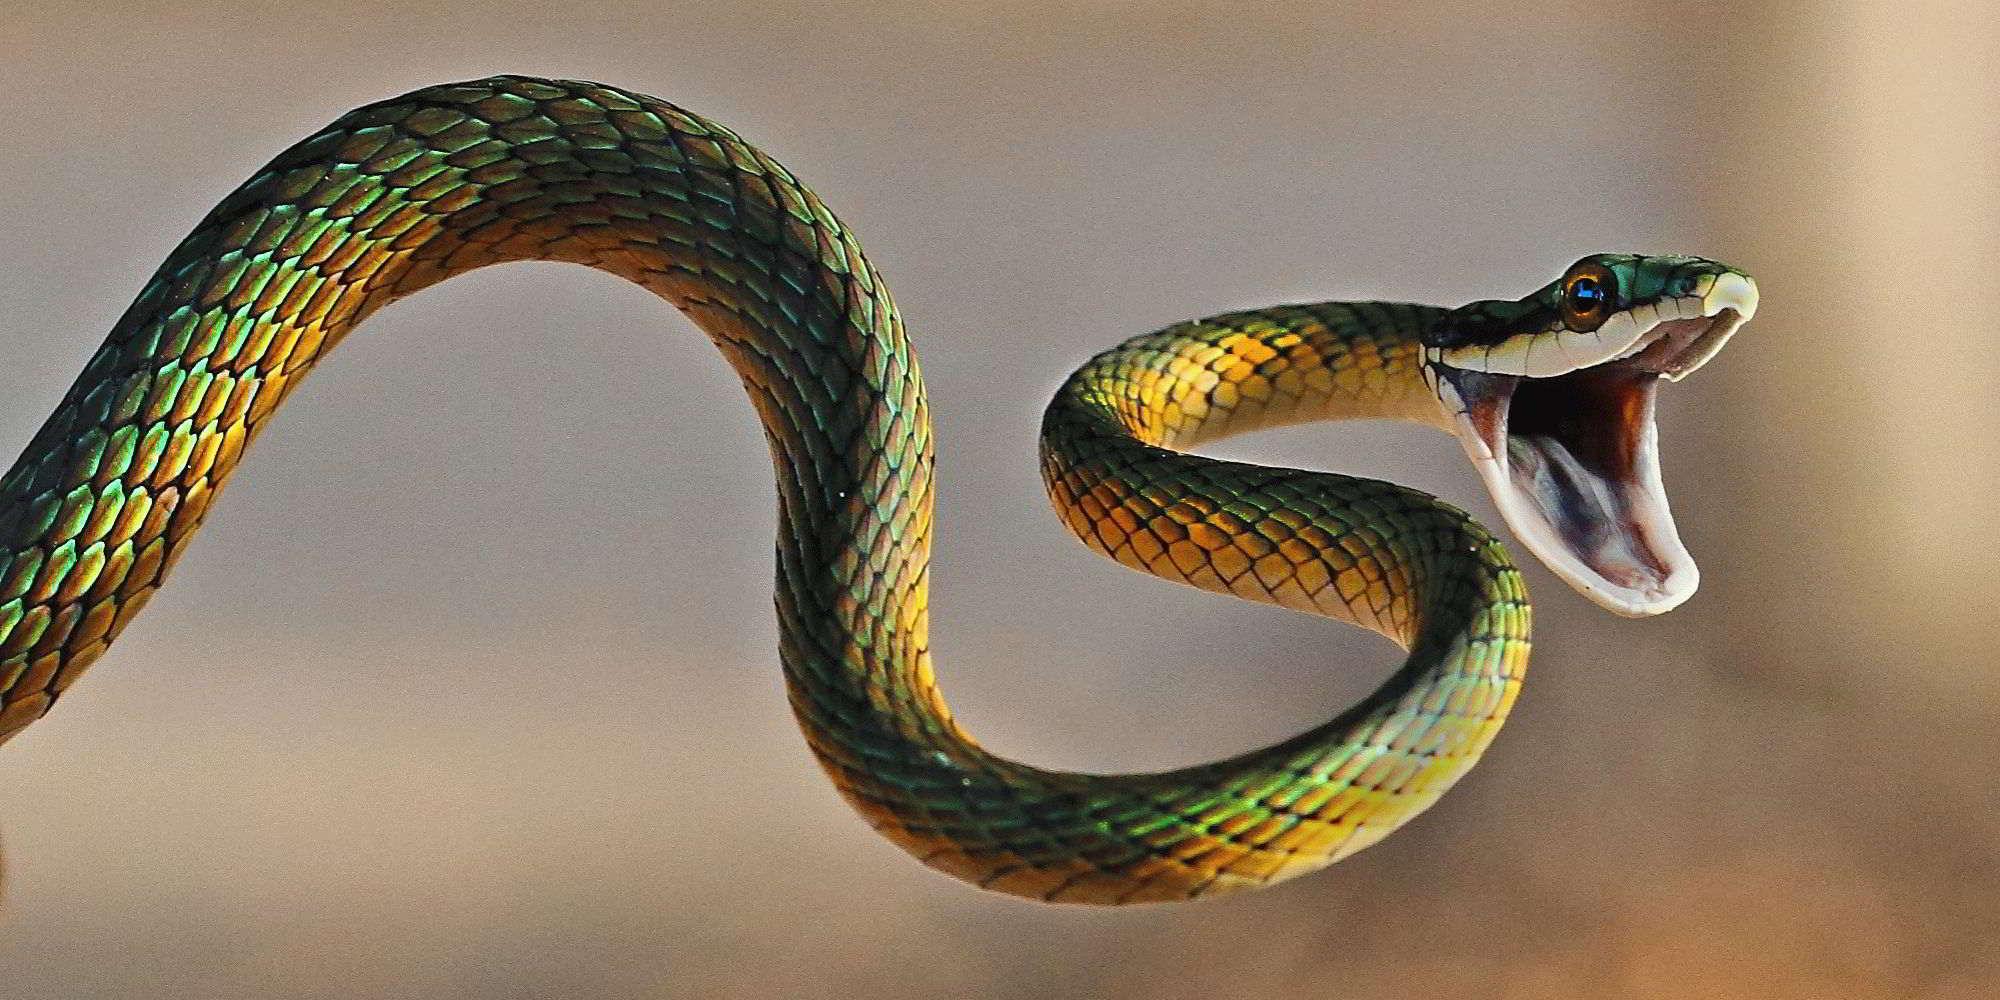 К чему снится змея, которая пытается укусить?